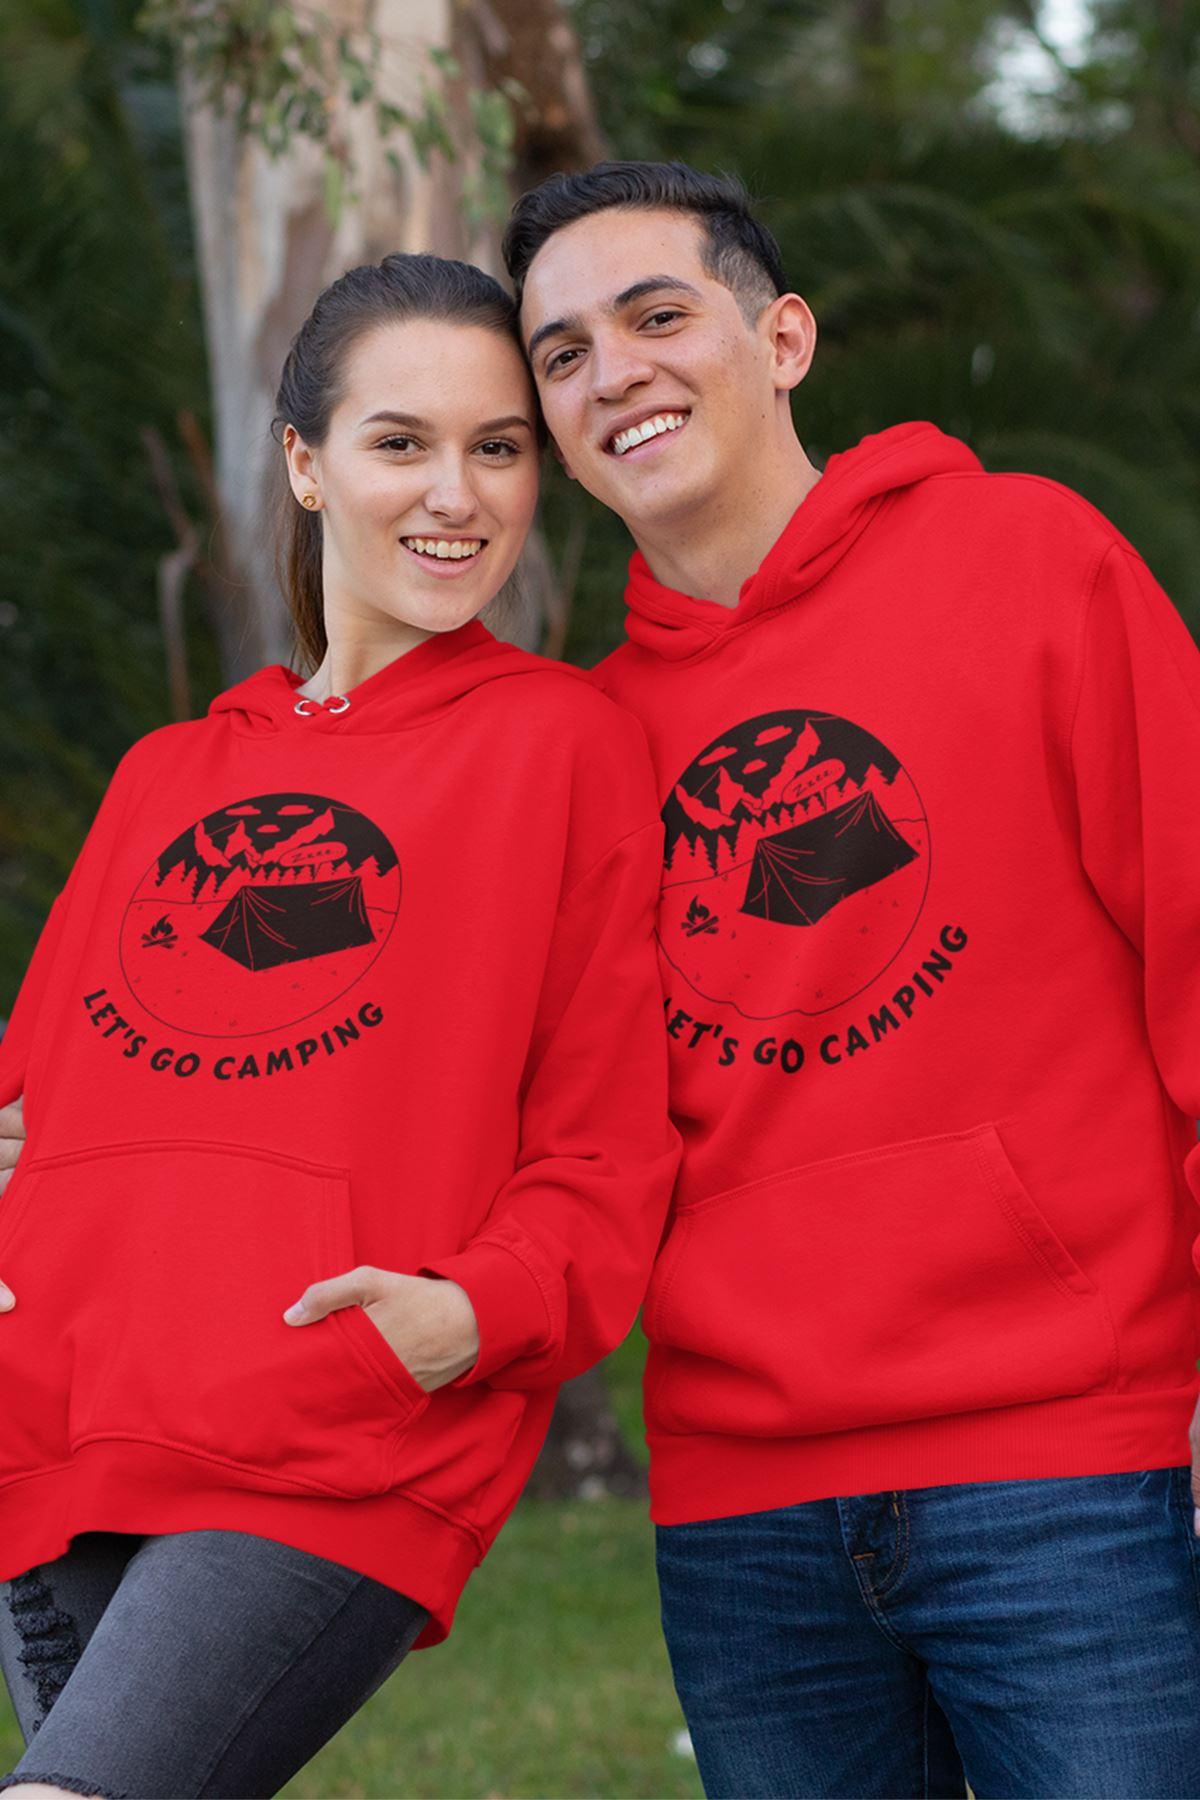 Sevgili Kombini Camping 03 Kırmızı Kapşonlu Sweatshirt - Tek Ürün Fiyatıdır.